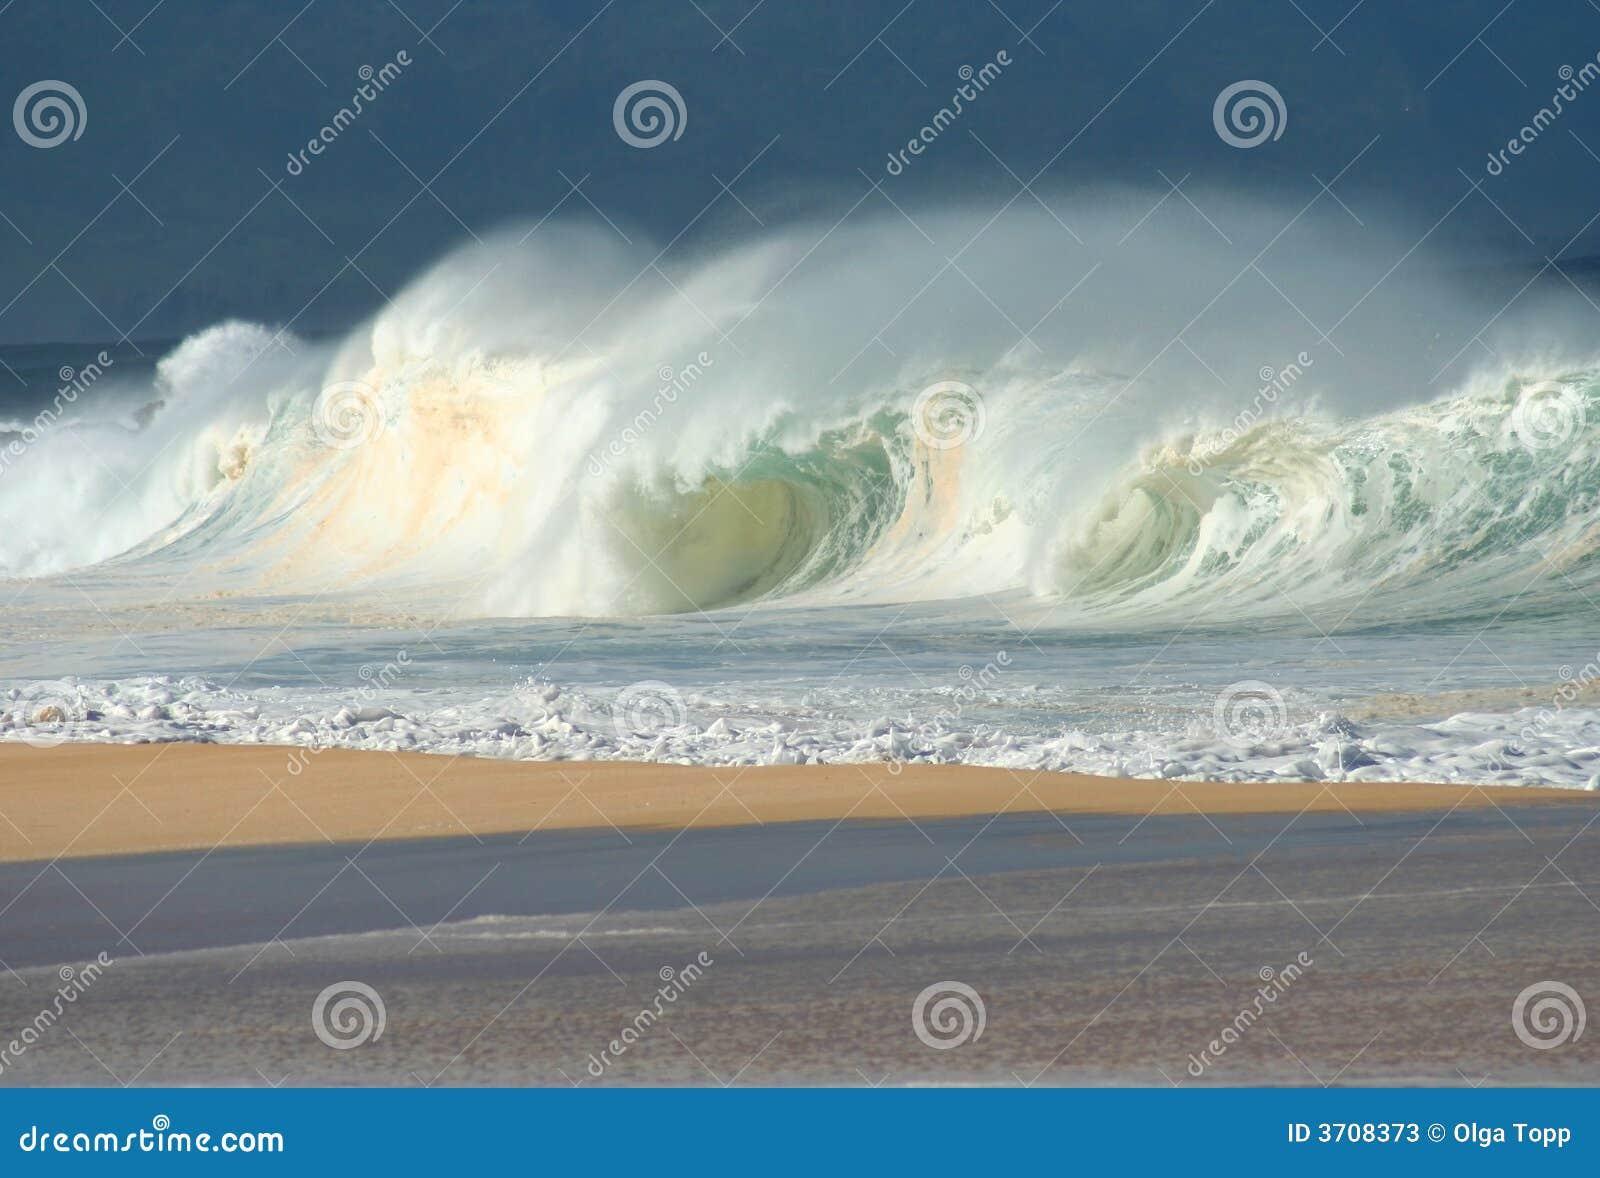 North Shore Crashing Waves